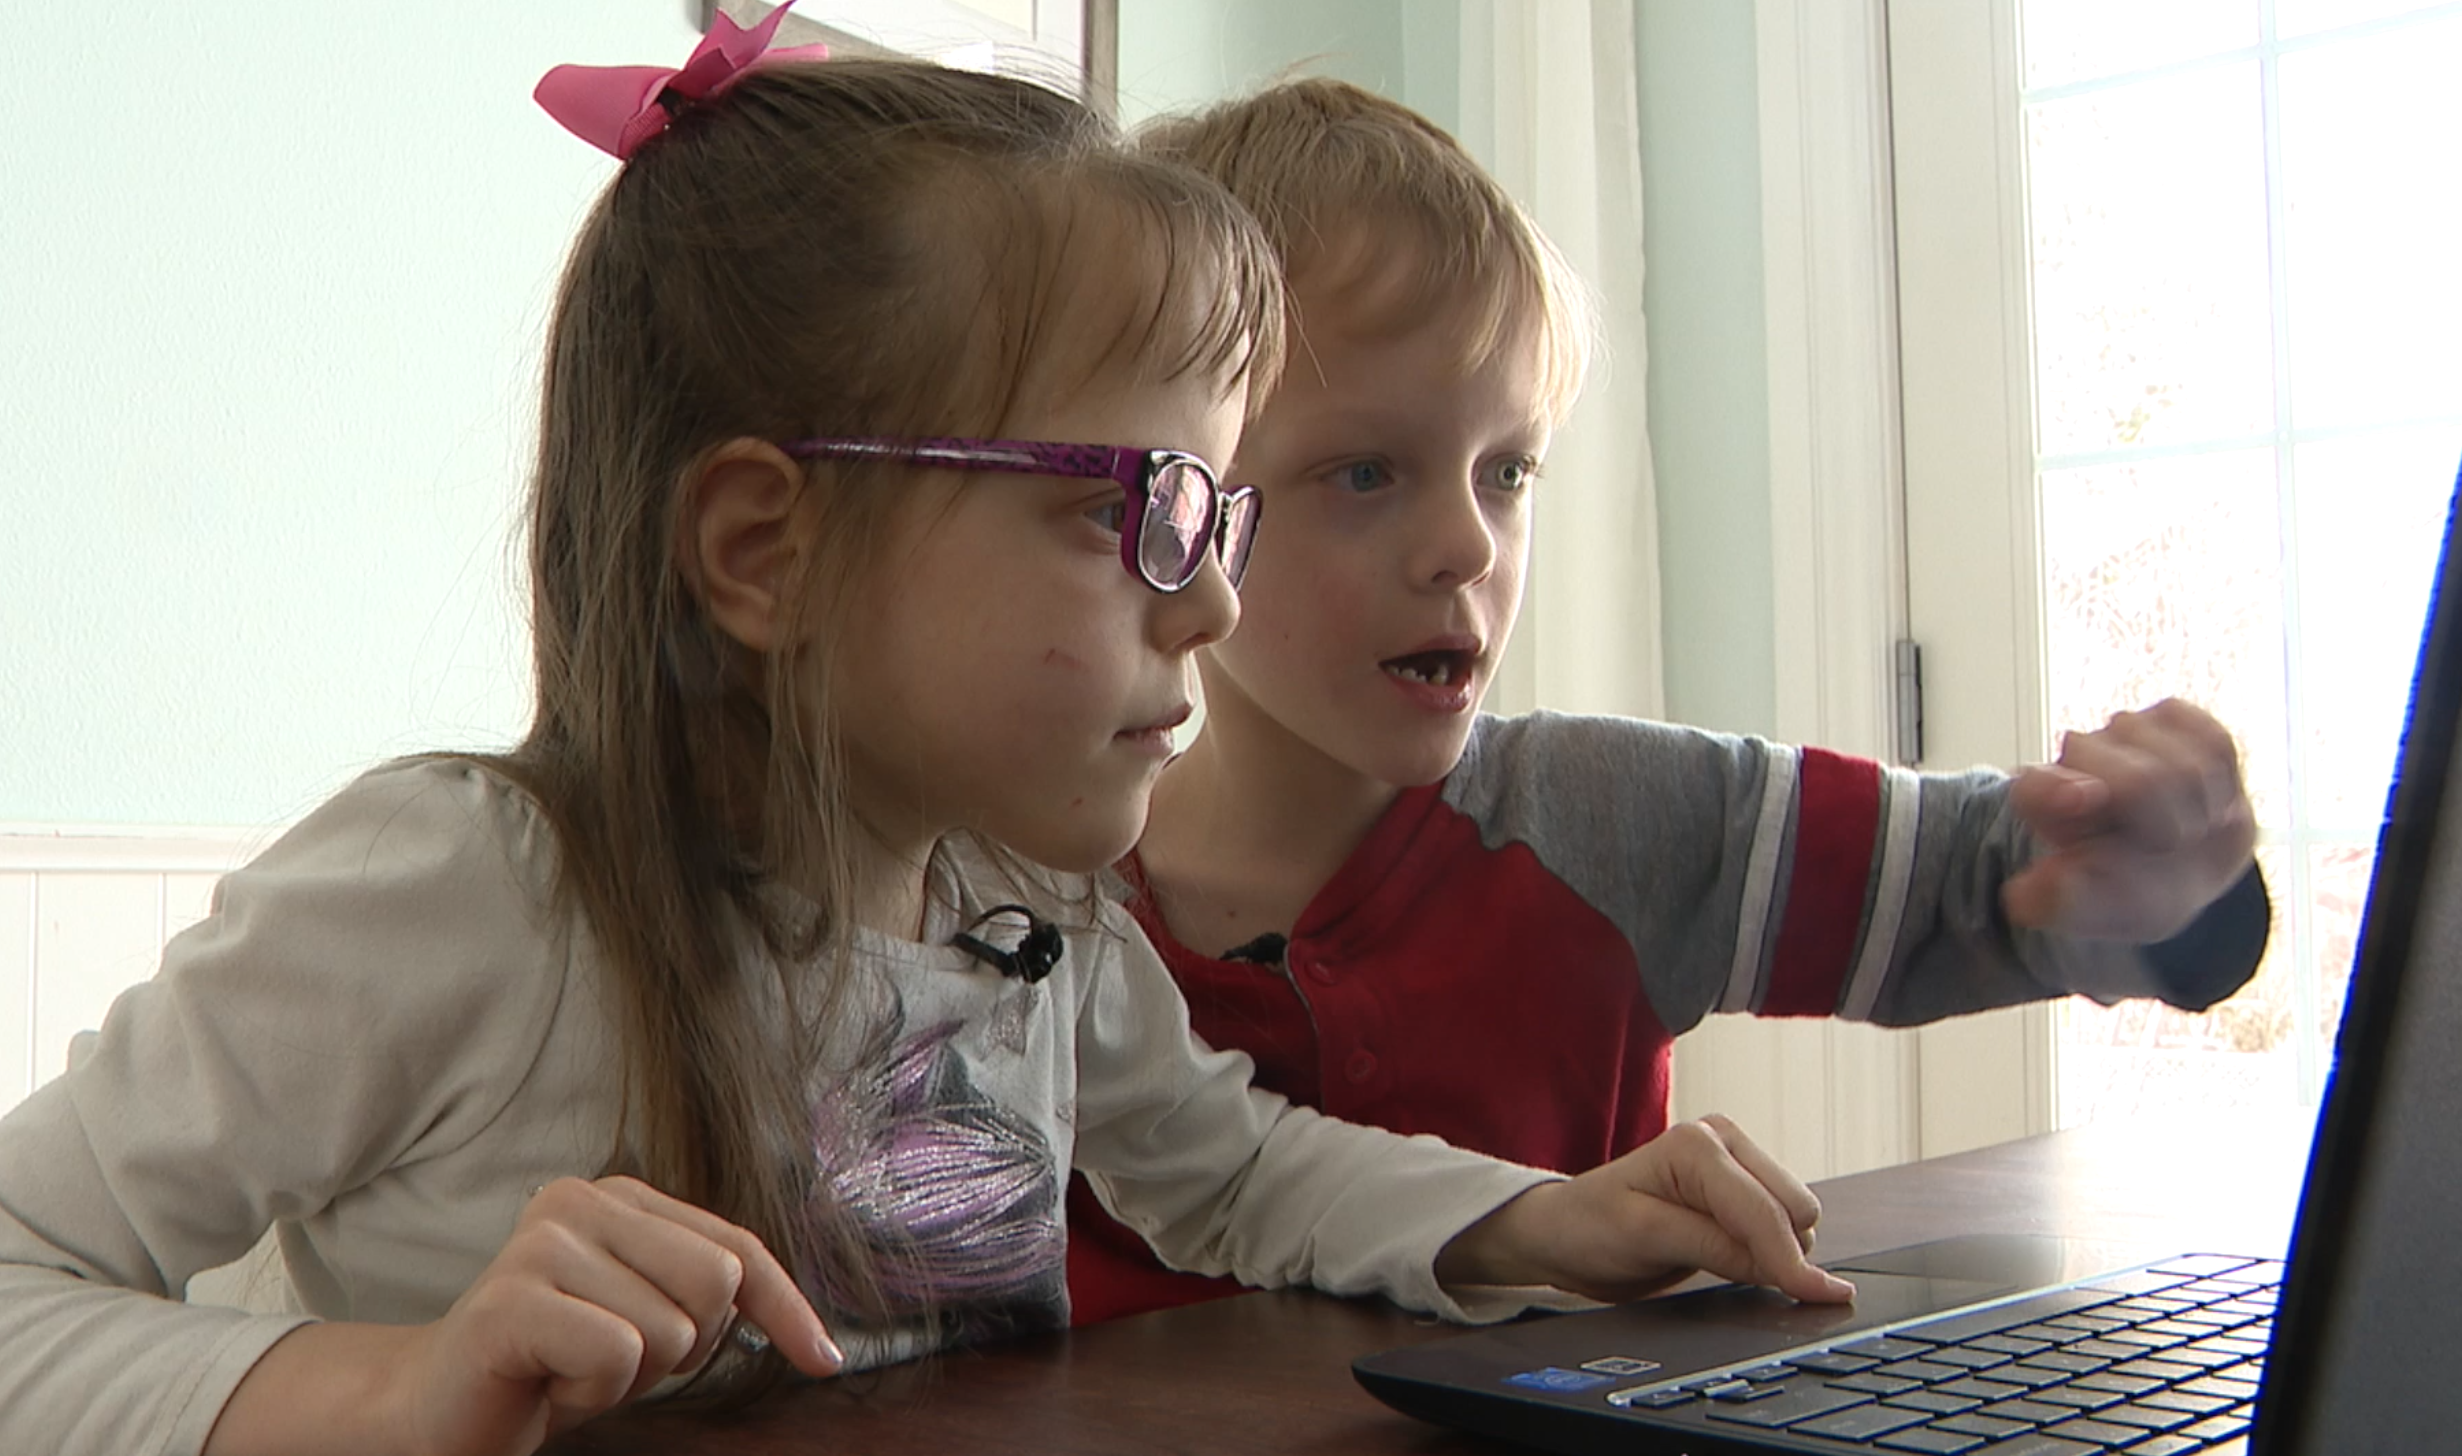 Online kindergarten prep programs gaining popularity despite ...